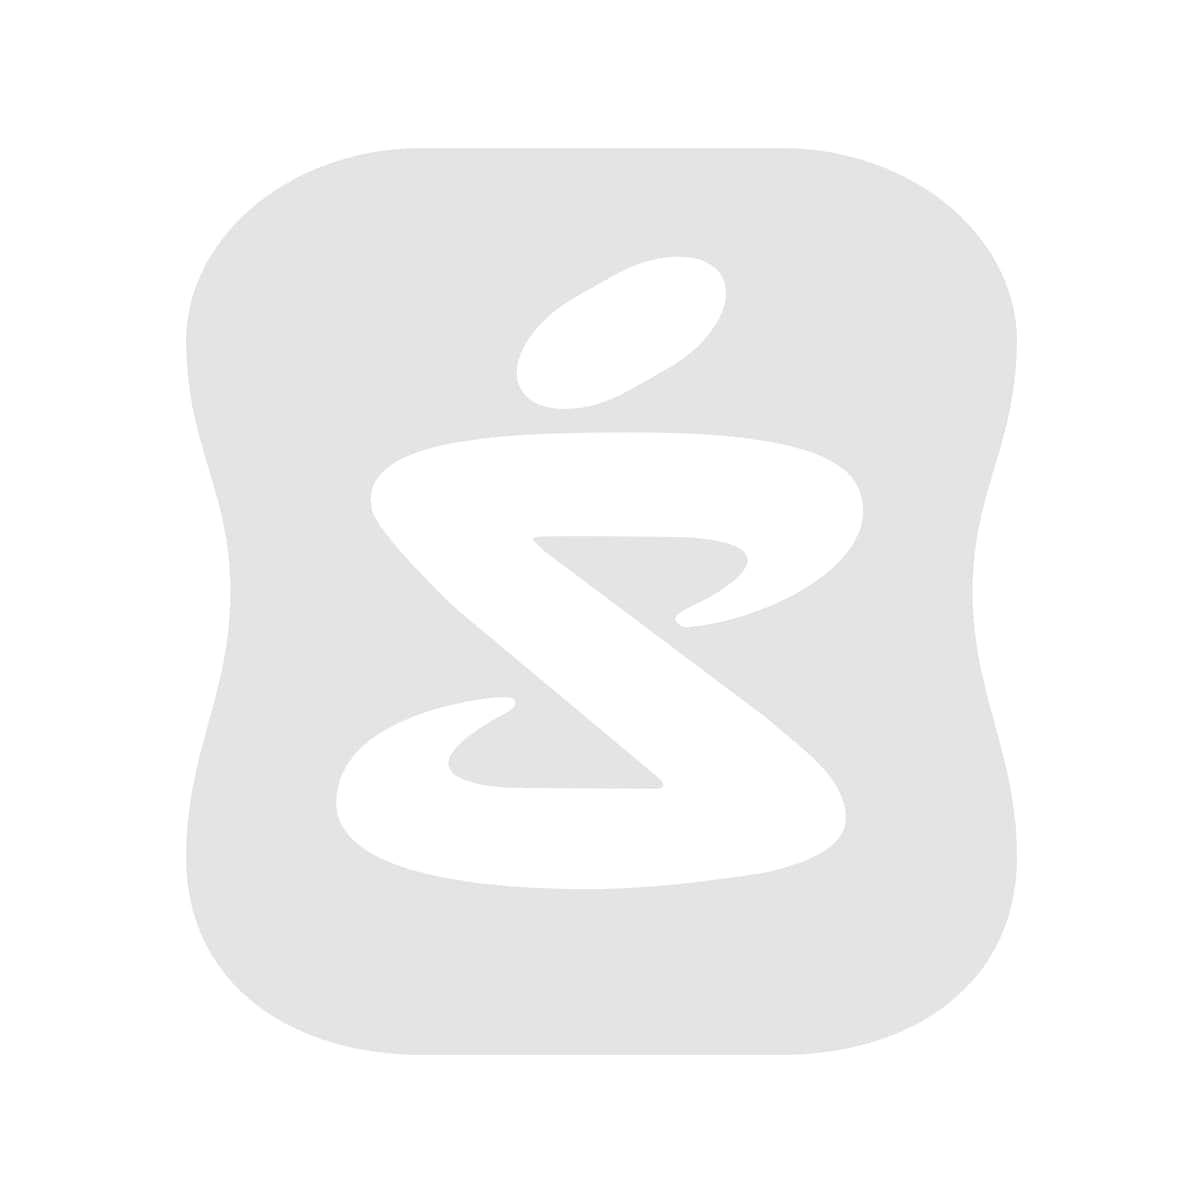 Acerin Płyn do usuwania odcisków 8 g